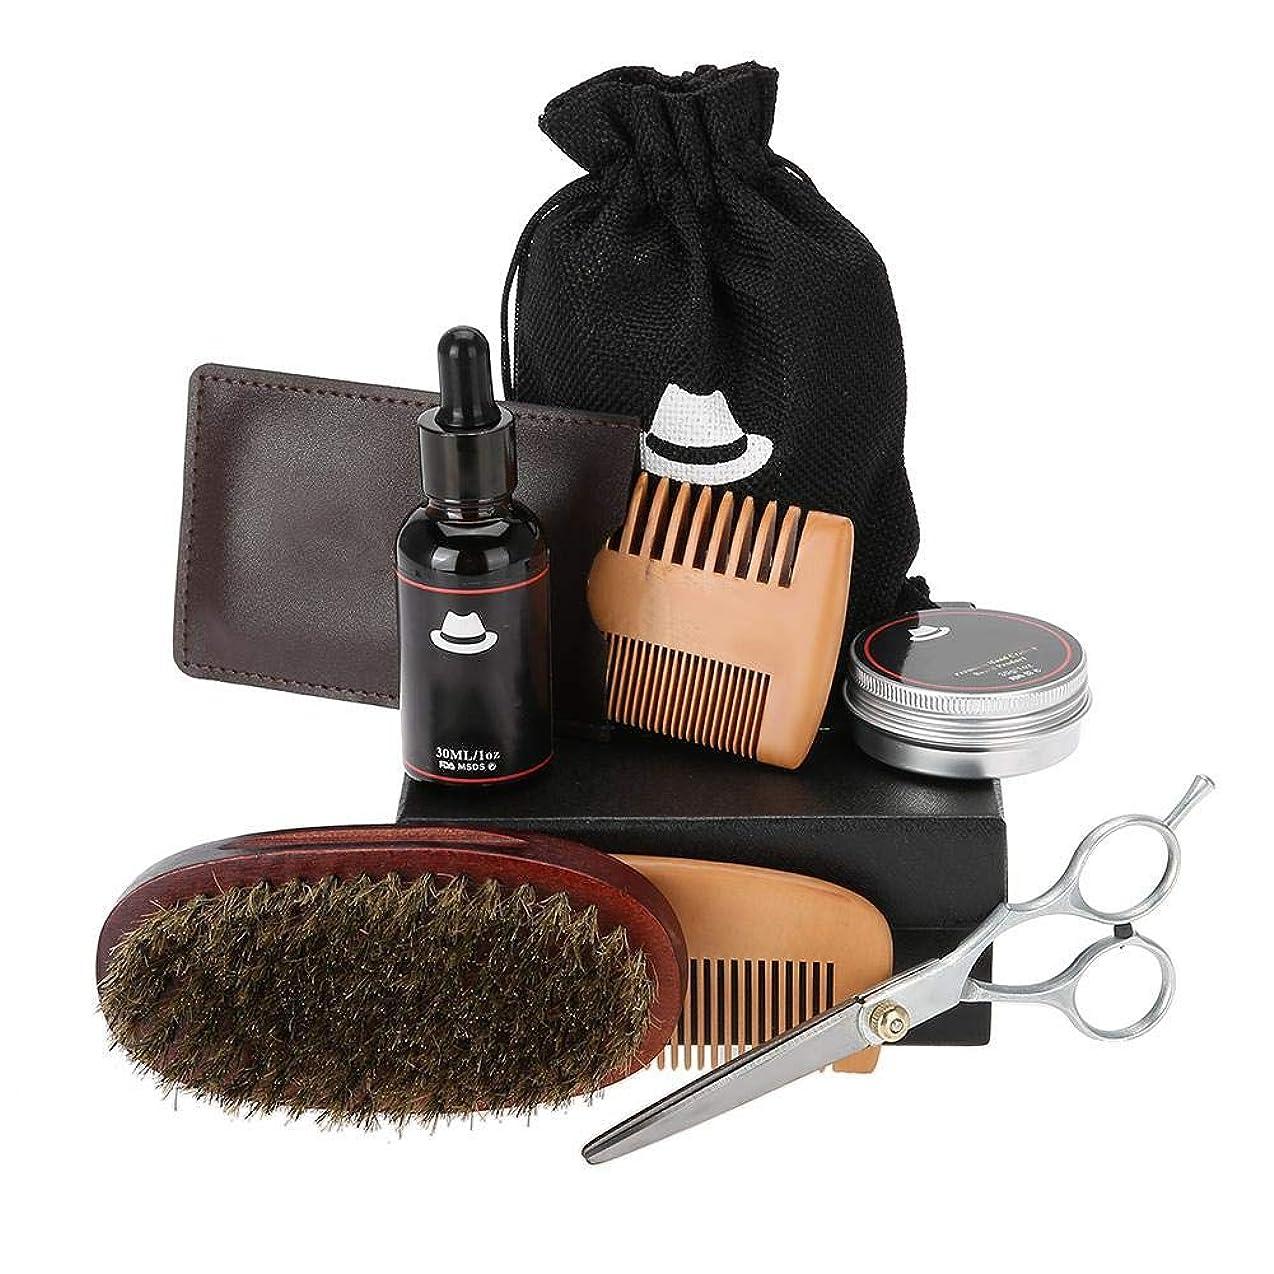 洗練透過性いろいろ1つのひげのグルーミングセットに付き6、ひげオイルが付いている人のためのひげの心配のキット、木の櫛、イノシシの剛毛のブラシ、香油、口ひげのスタイリングを助け、柔らかく滑らかに保ちなさい